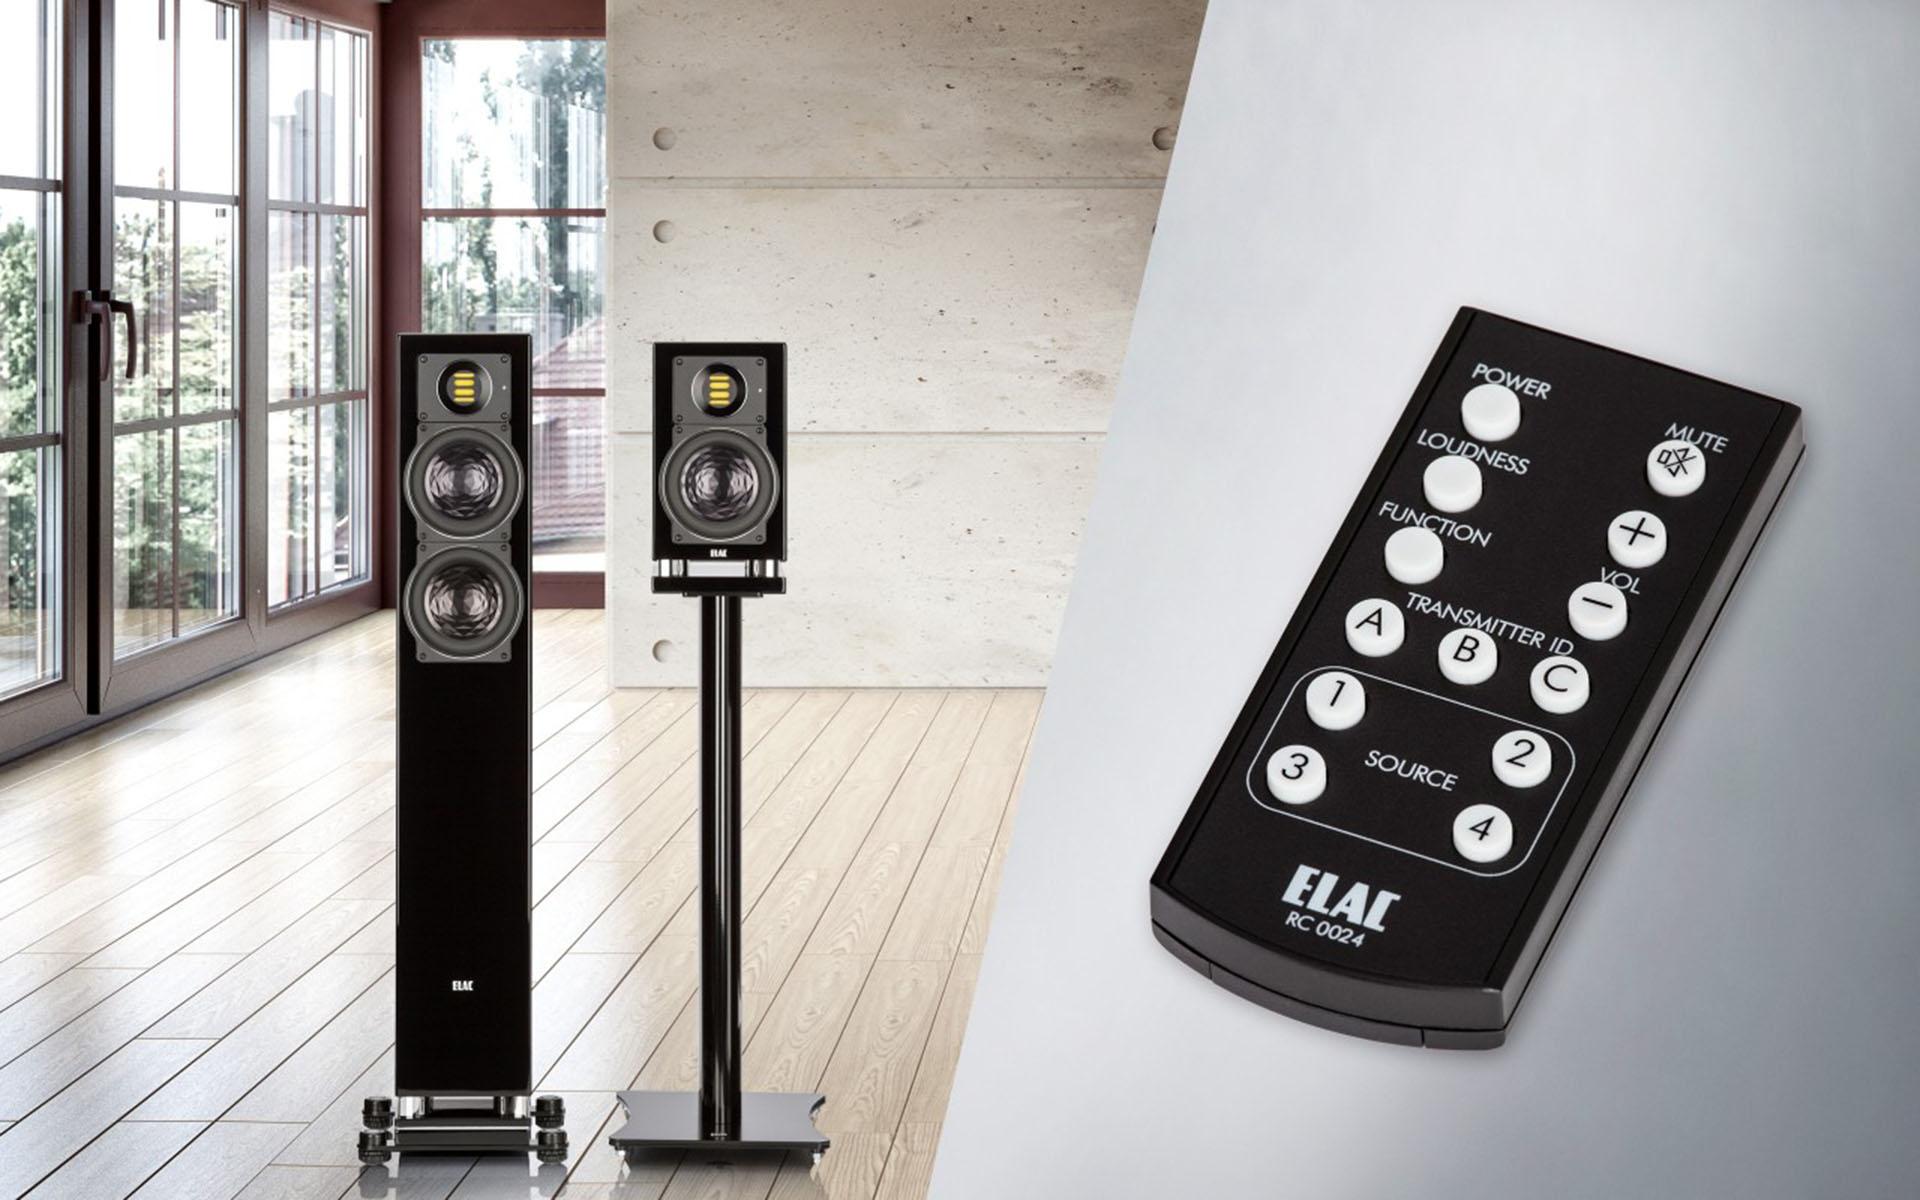 Передача сигнала без компрессии и без потерь отвечает требованиям усиления класса A/B: колонки ELAC AIR-X отличаются высочайшим качеством звучания